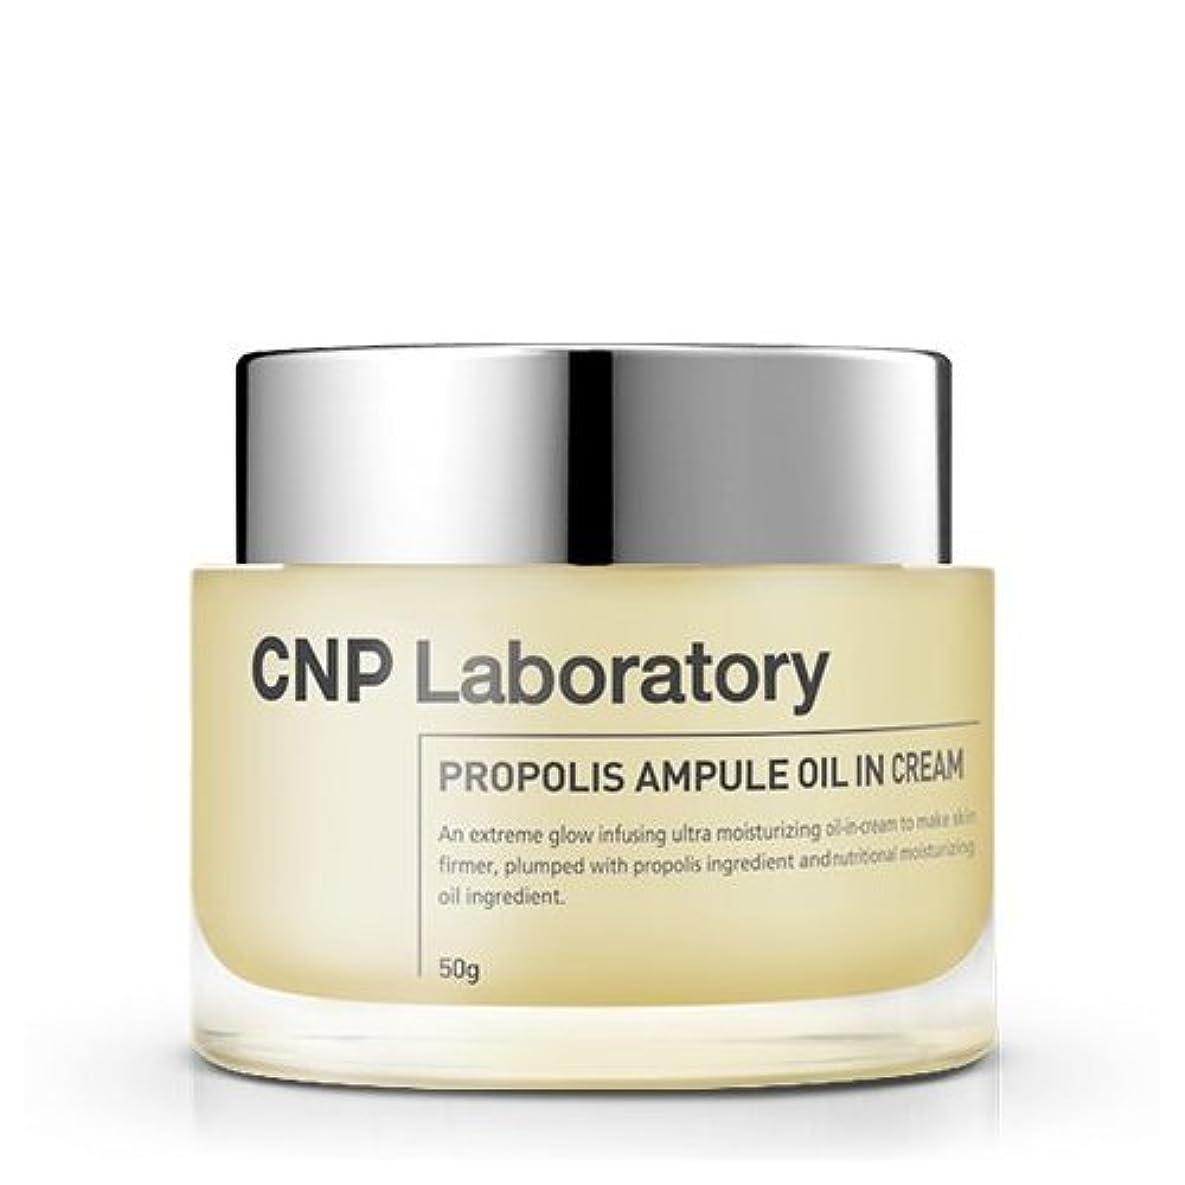 ジャズ銅分CNP Laboratory プロポリスアンプルオイルインクリーム50ミリリットル